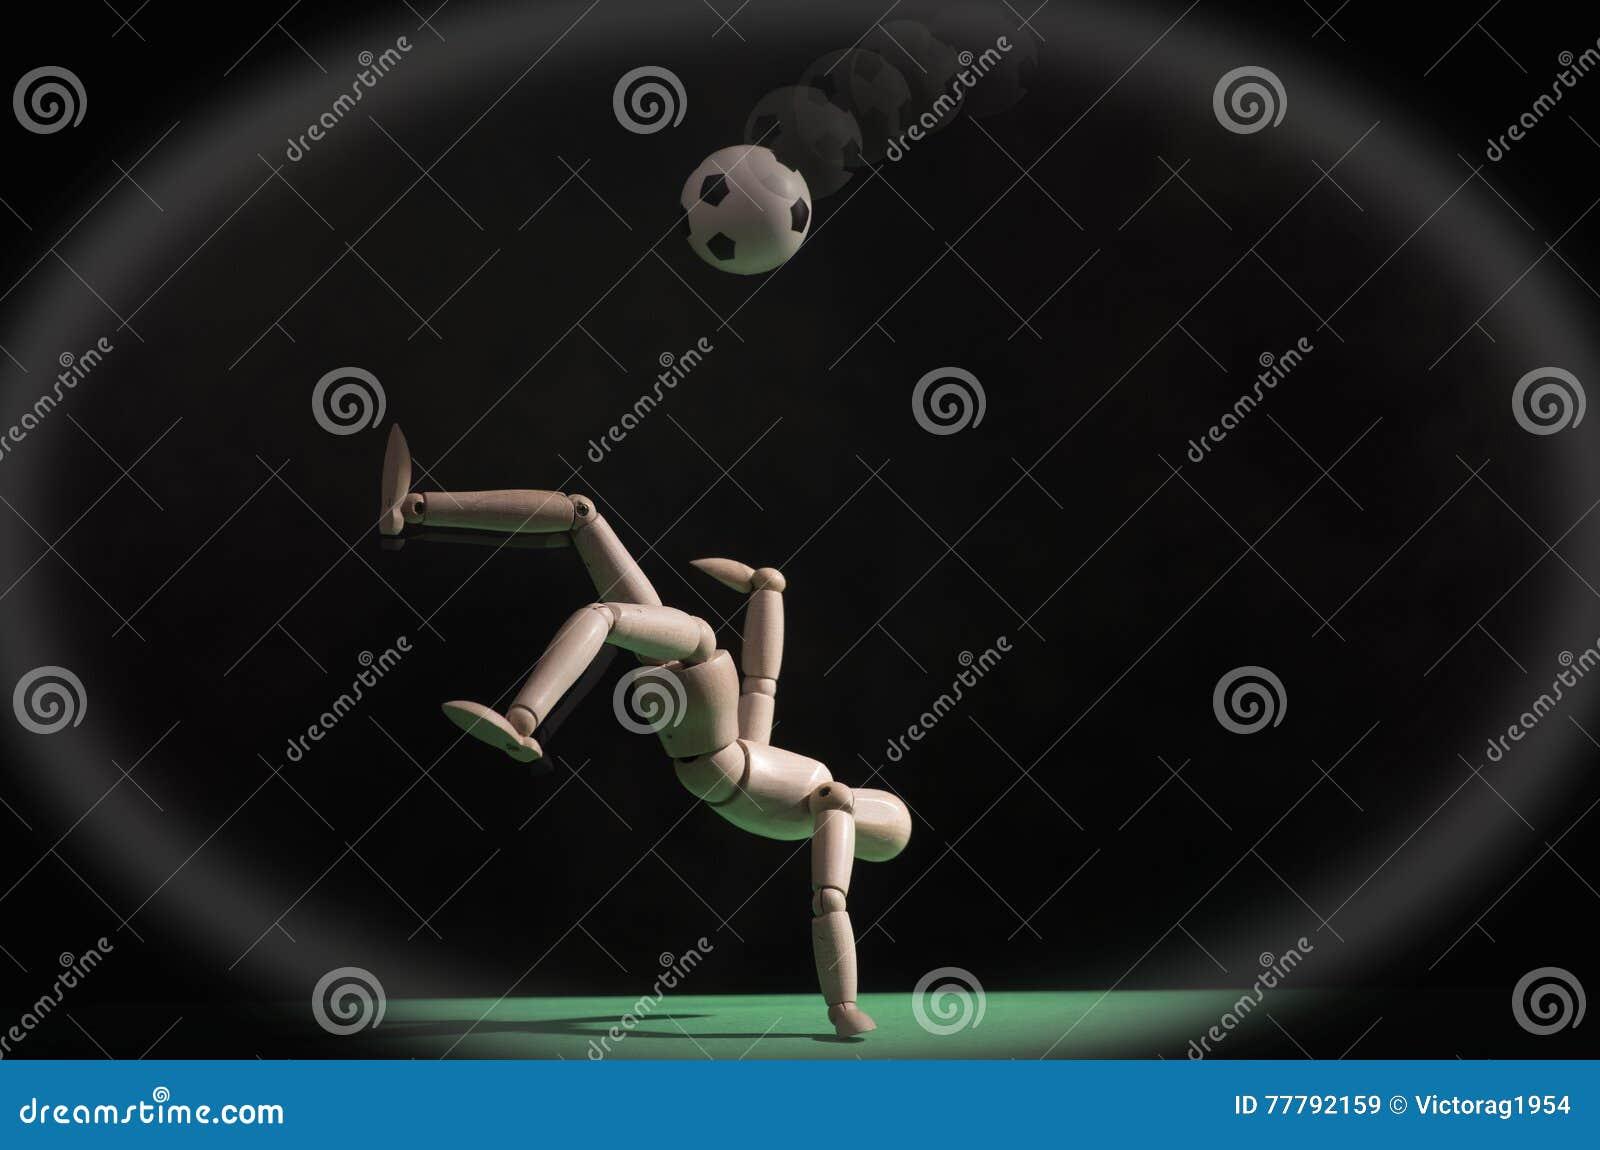 Fußballspieler mit Kugel